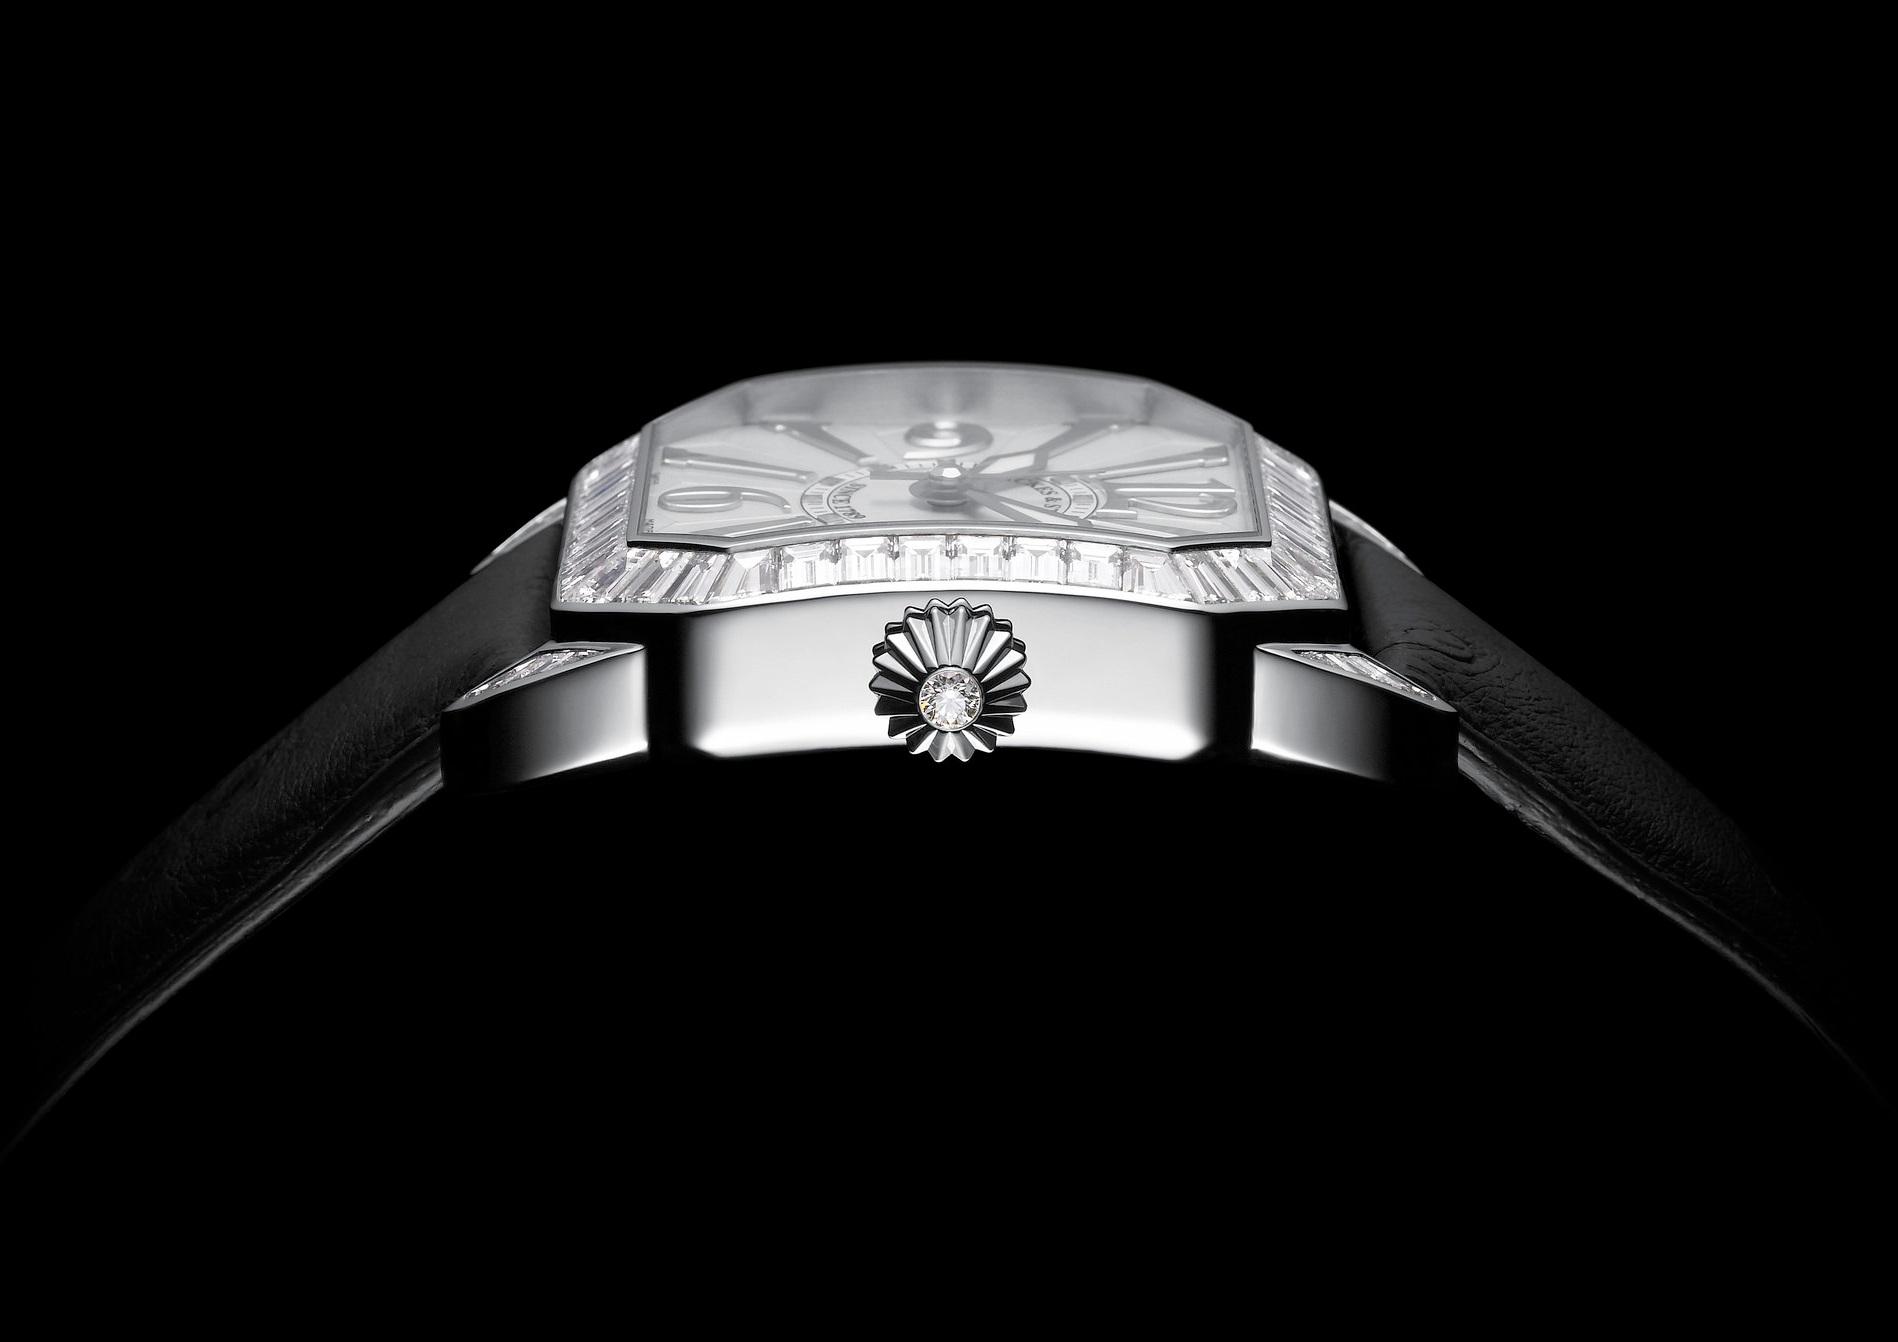 Berkeley Baguette 40 diamond watch side-shot 2